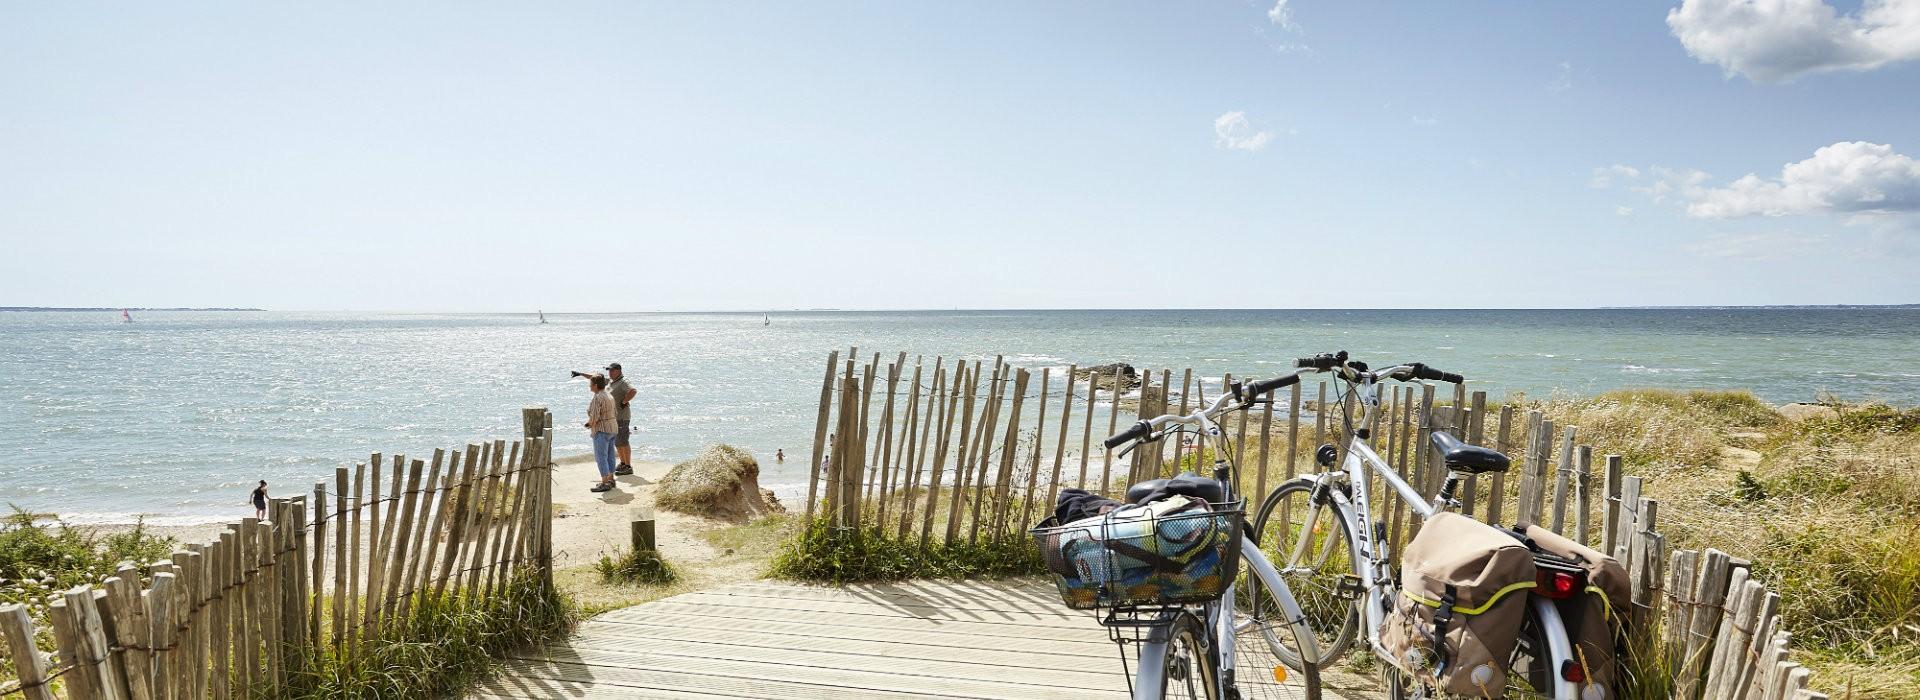 Pénestin, une douzaine de plages et criques - Alexandre Lamoureux